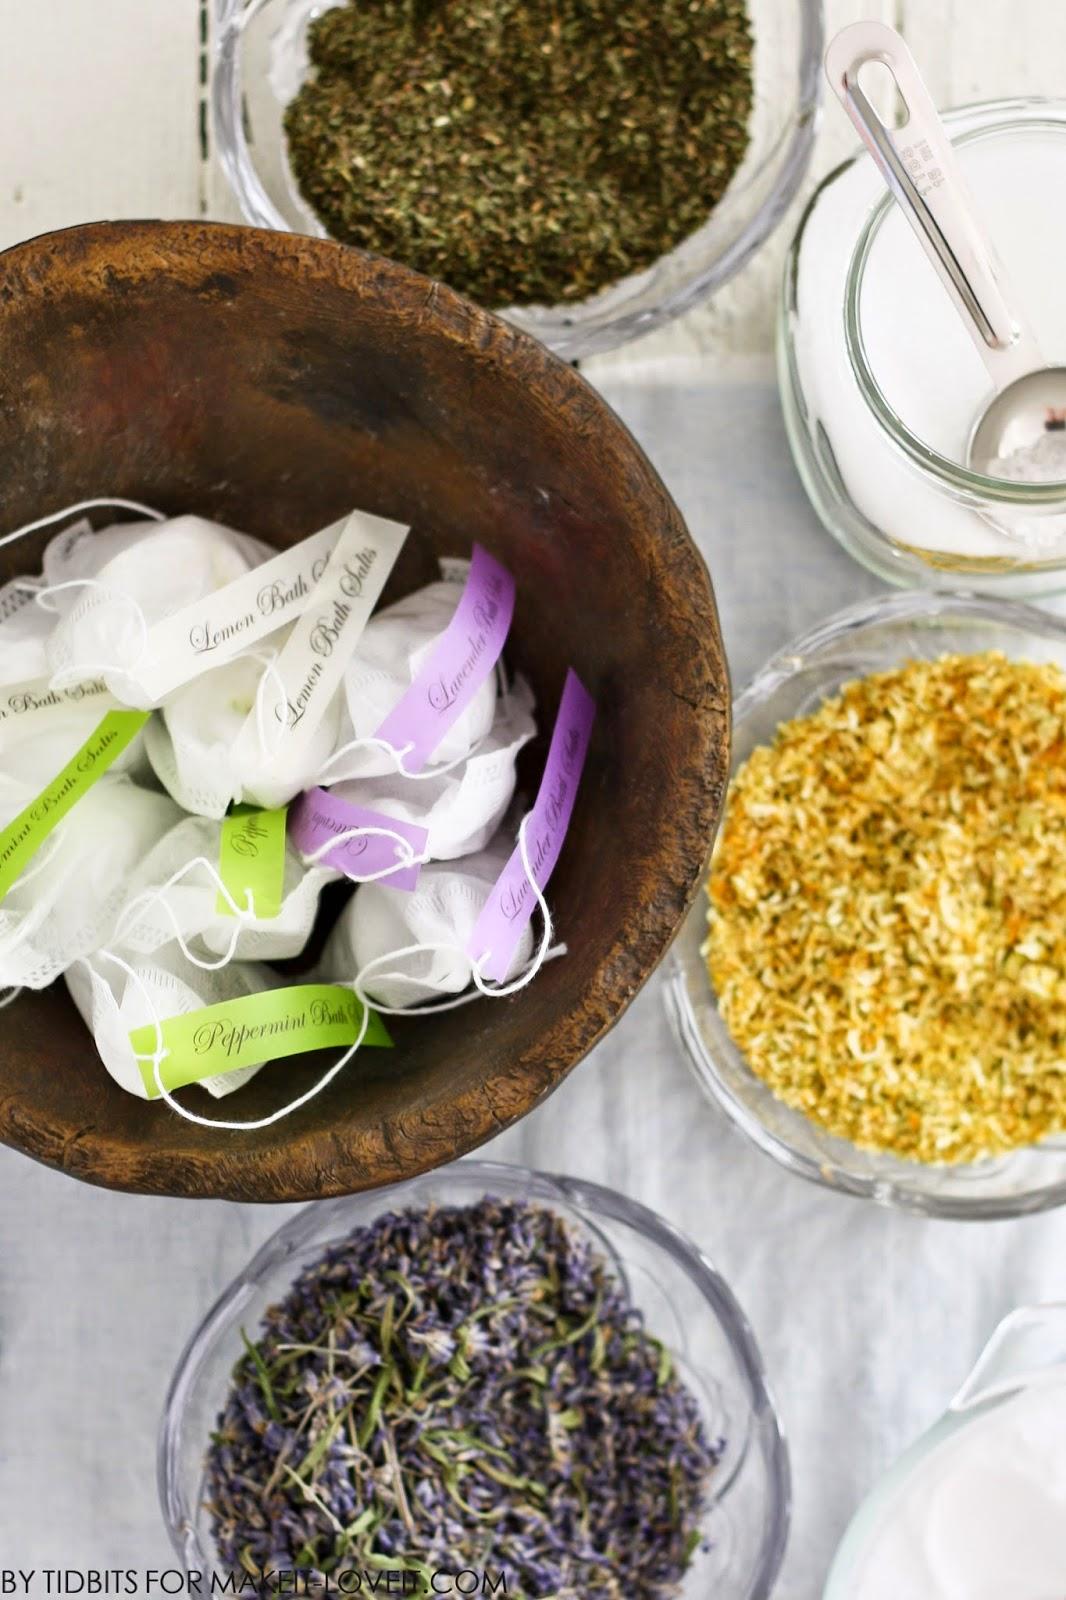 Make your own BATH SALT SOAKS in a TEA BAG!